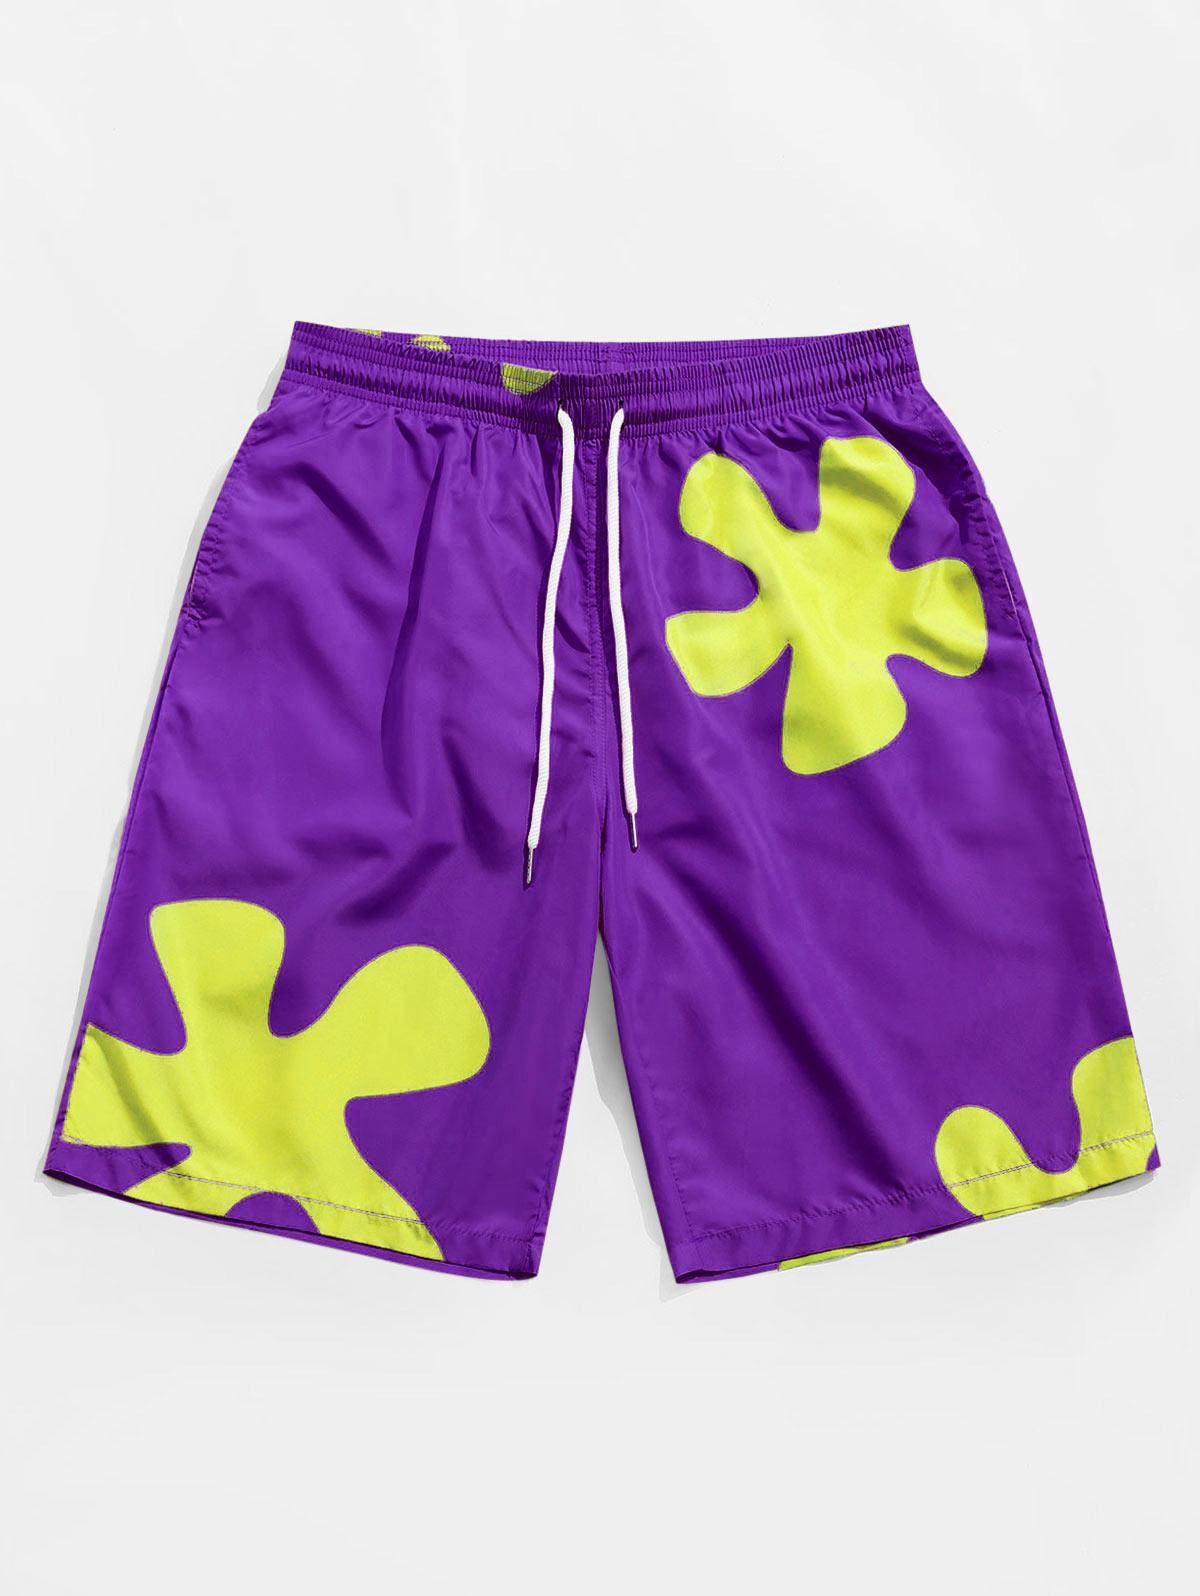 Zaful Floral Pattern Board Shorts